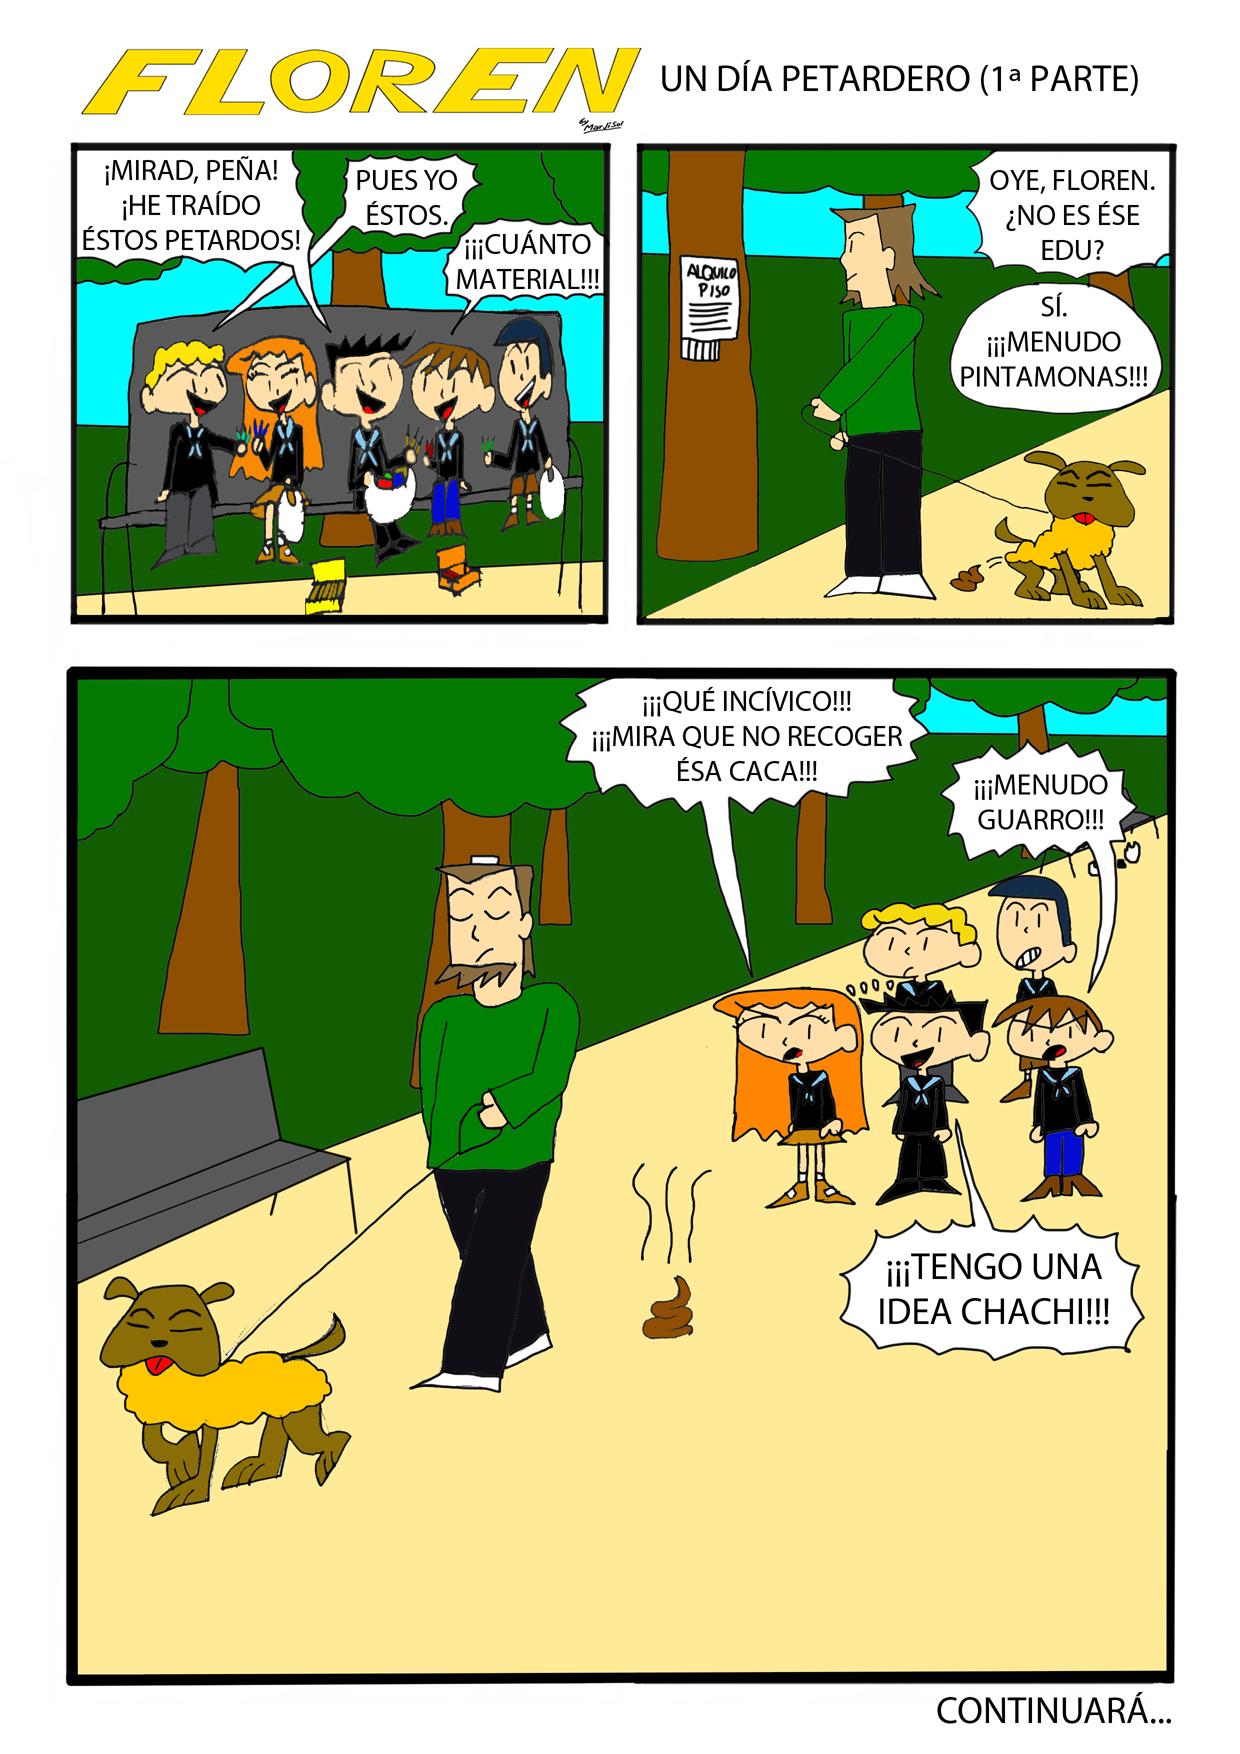 """Primera página de la historieta de Floren """"Un día petardero"""", de su segunda temporada, realizada entre 2012 y 2013."""